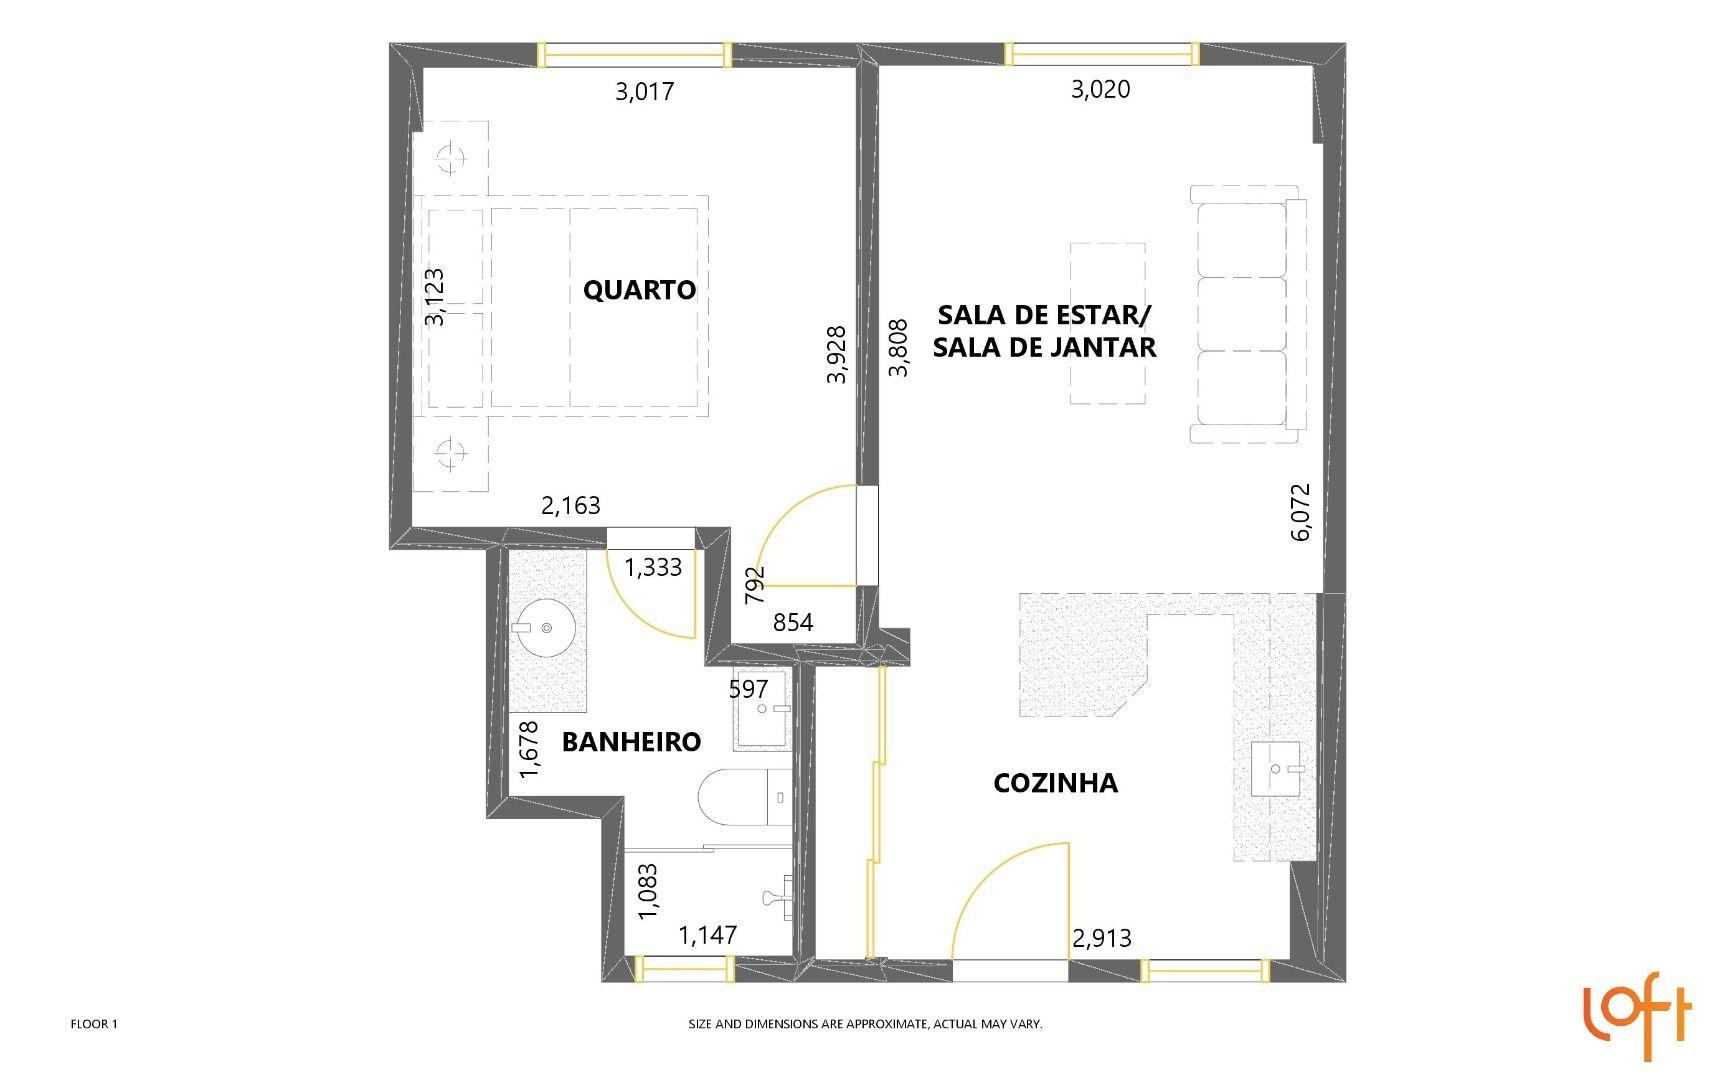 41 M² - 1 SUÍTE. (Apartamento 102).